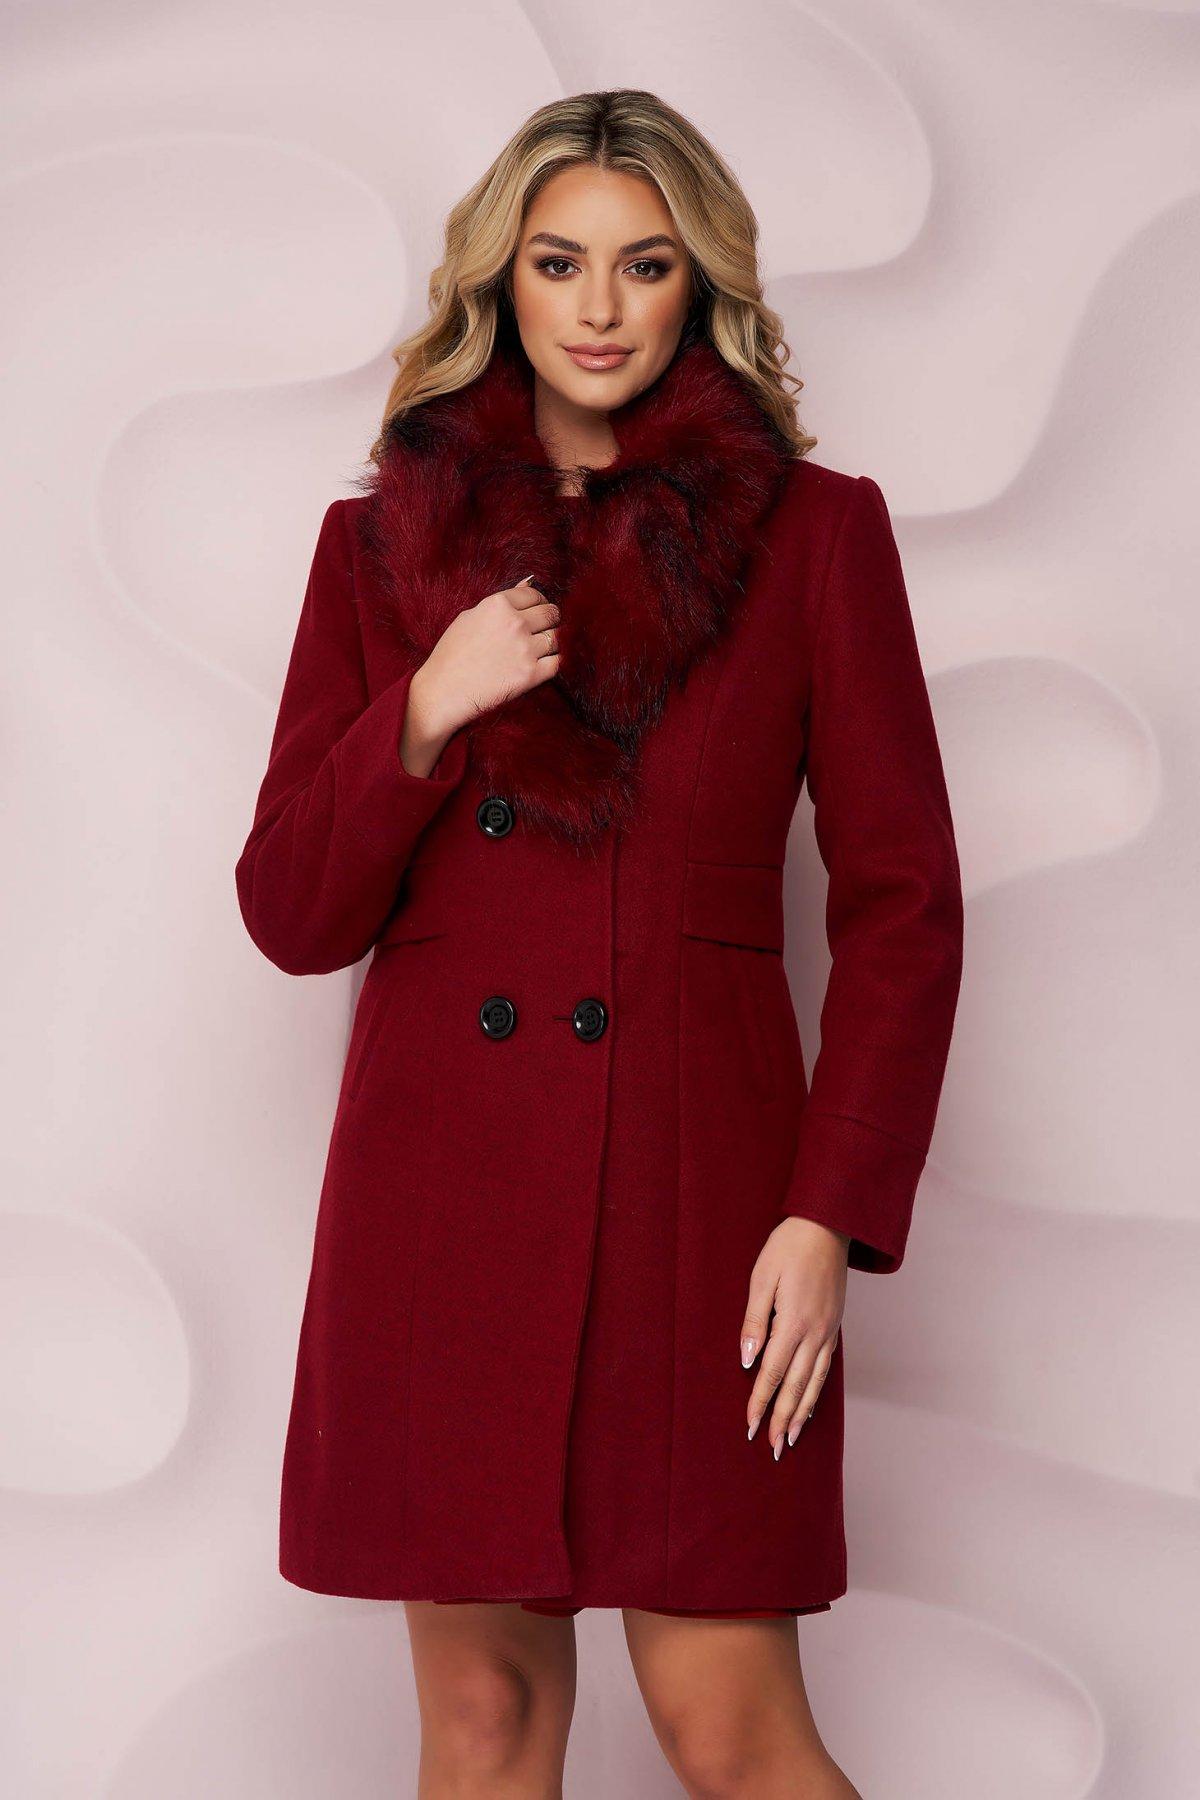 Palton SunShine visiniu elegant cu un croi cambrat din material gros cu insertii de blana ecologica detasabile la guler